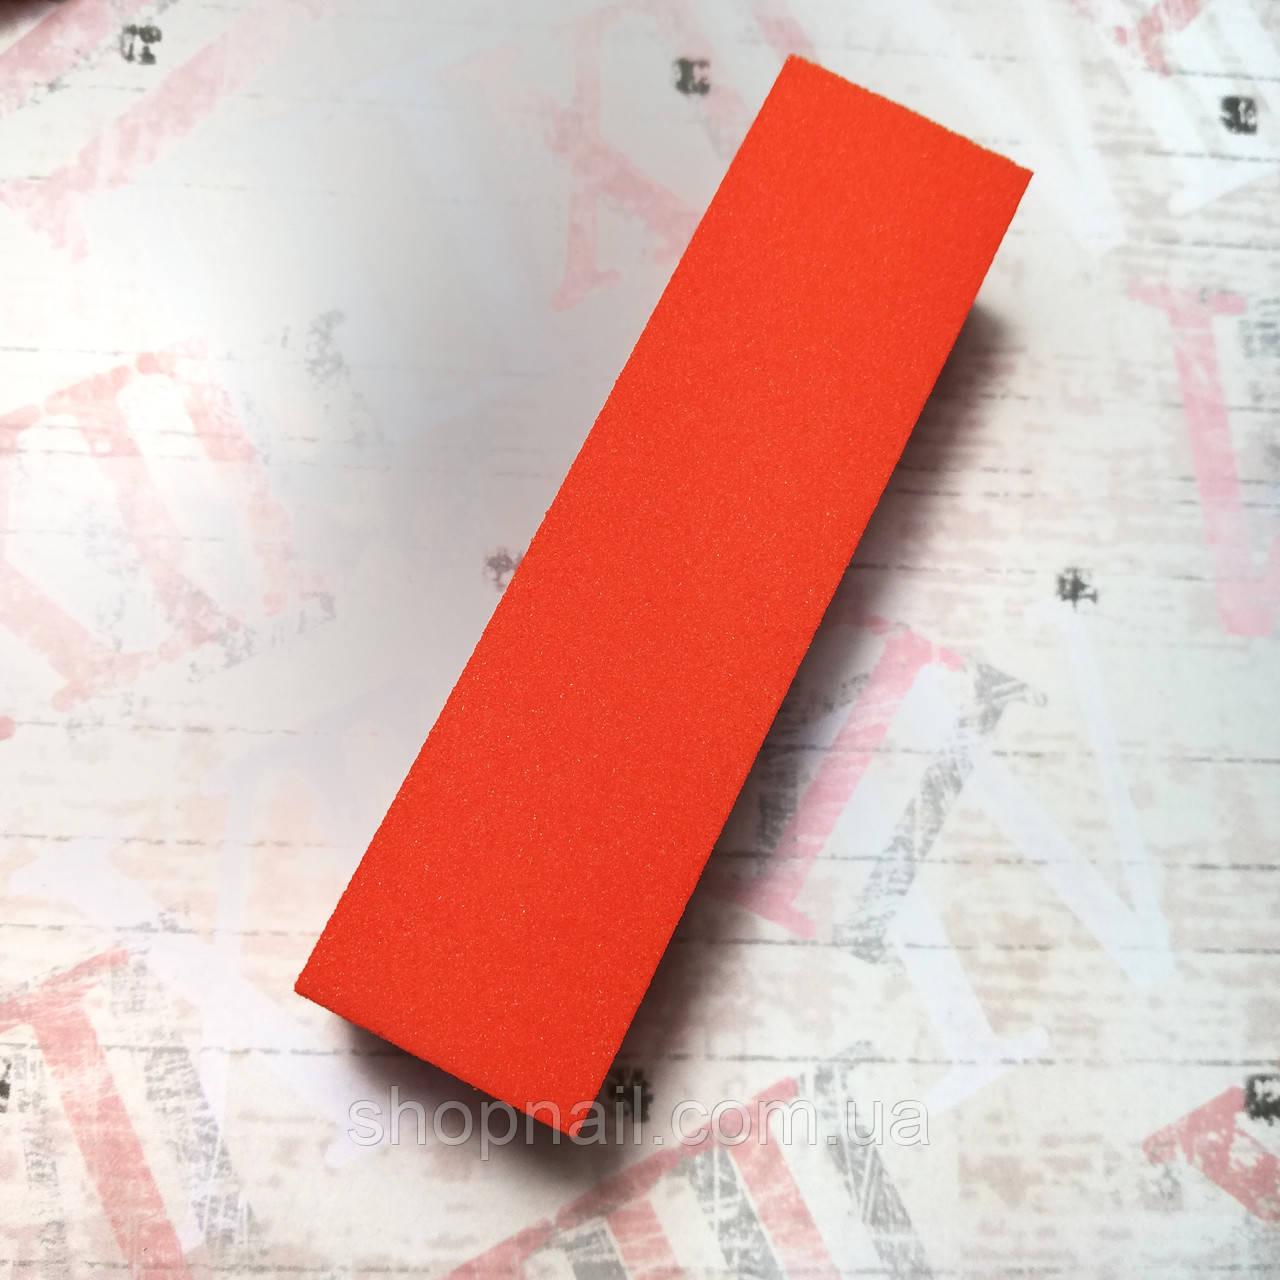 Баф для ногтей 4-х сторонний, оранжевый